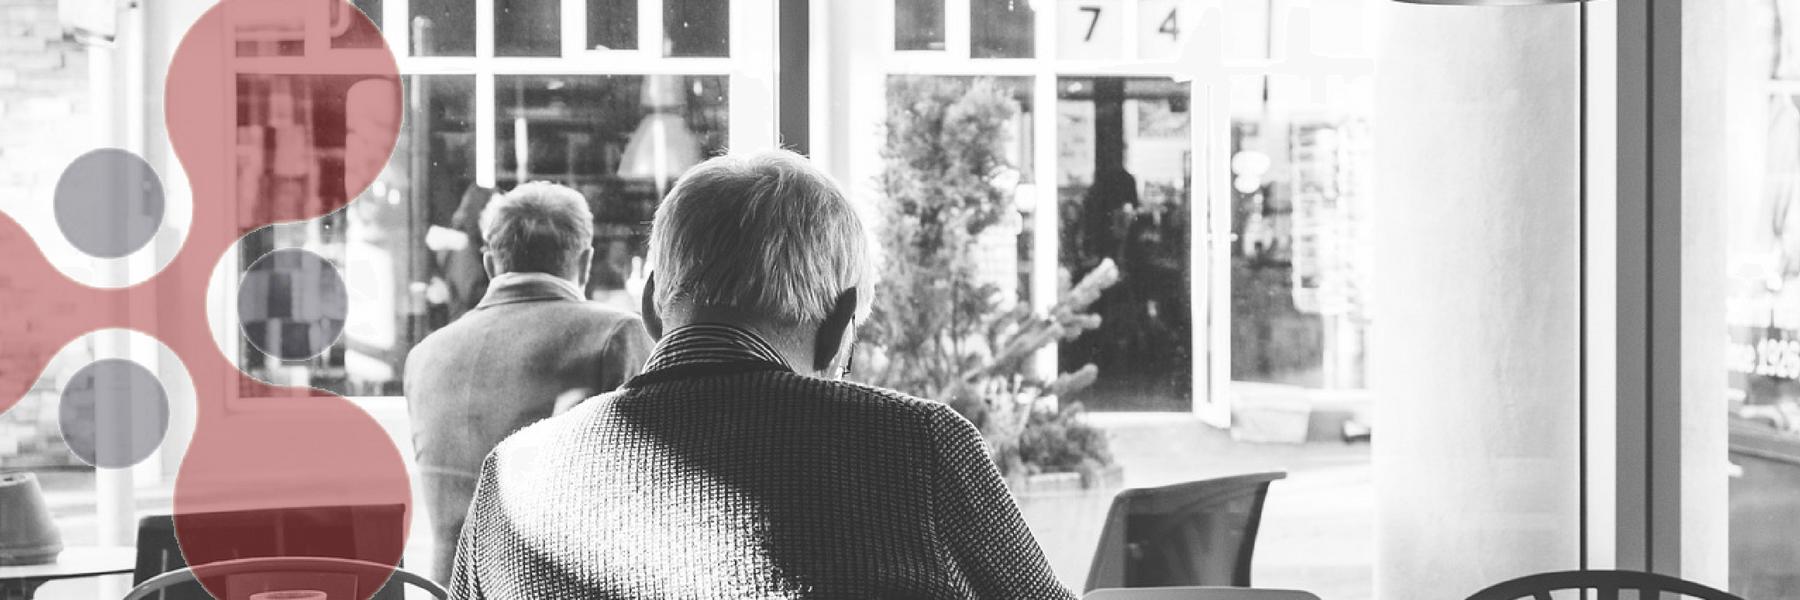 Mogelijke gevolgen van artrose: pijn, stijfheid, verminderde beweeglijkheid, spierzwakte, gewrichtsontstekingen en achteruitgang in dagelijks functioneren.